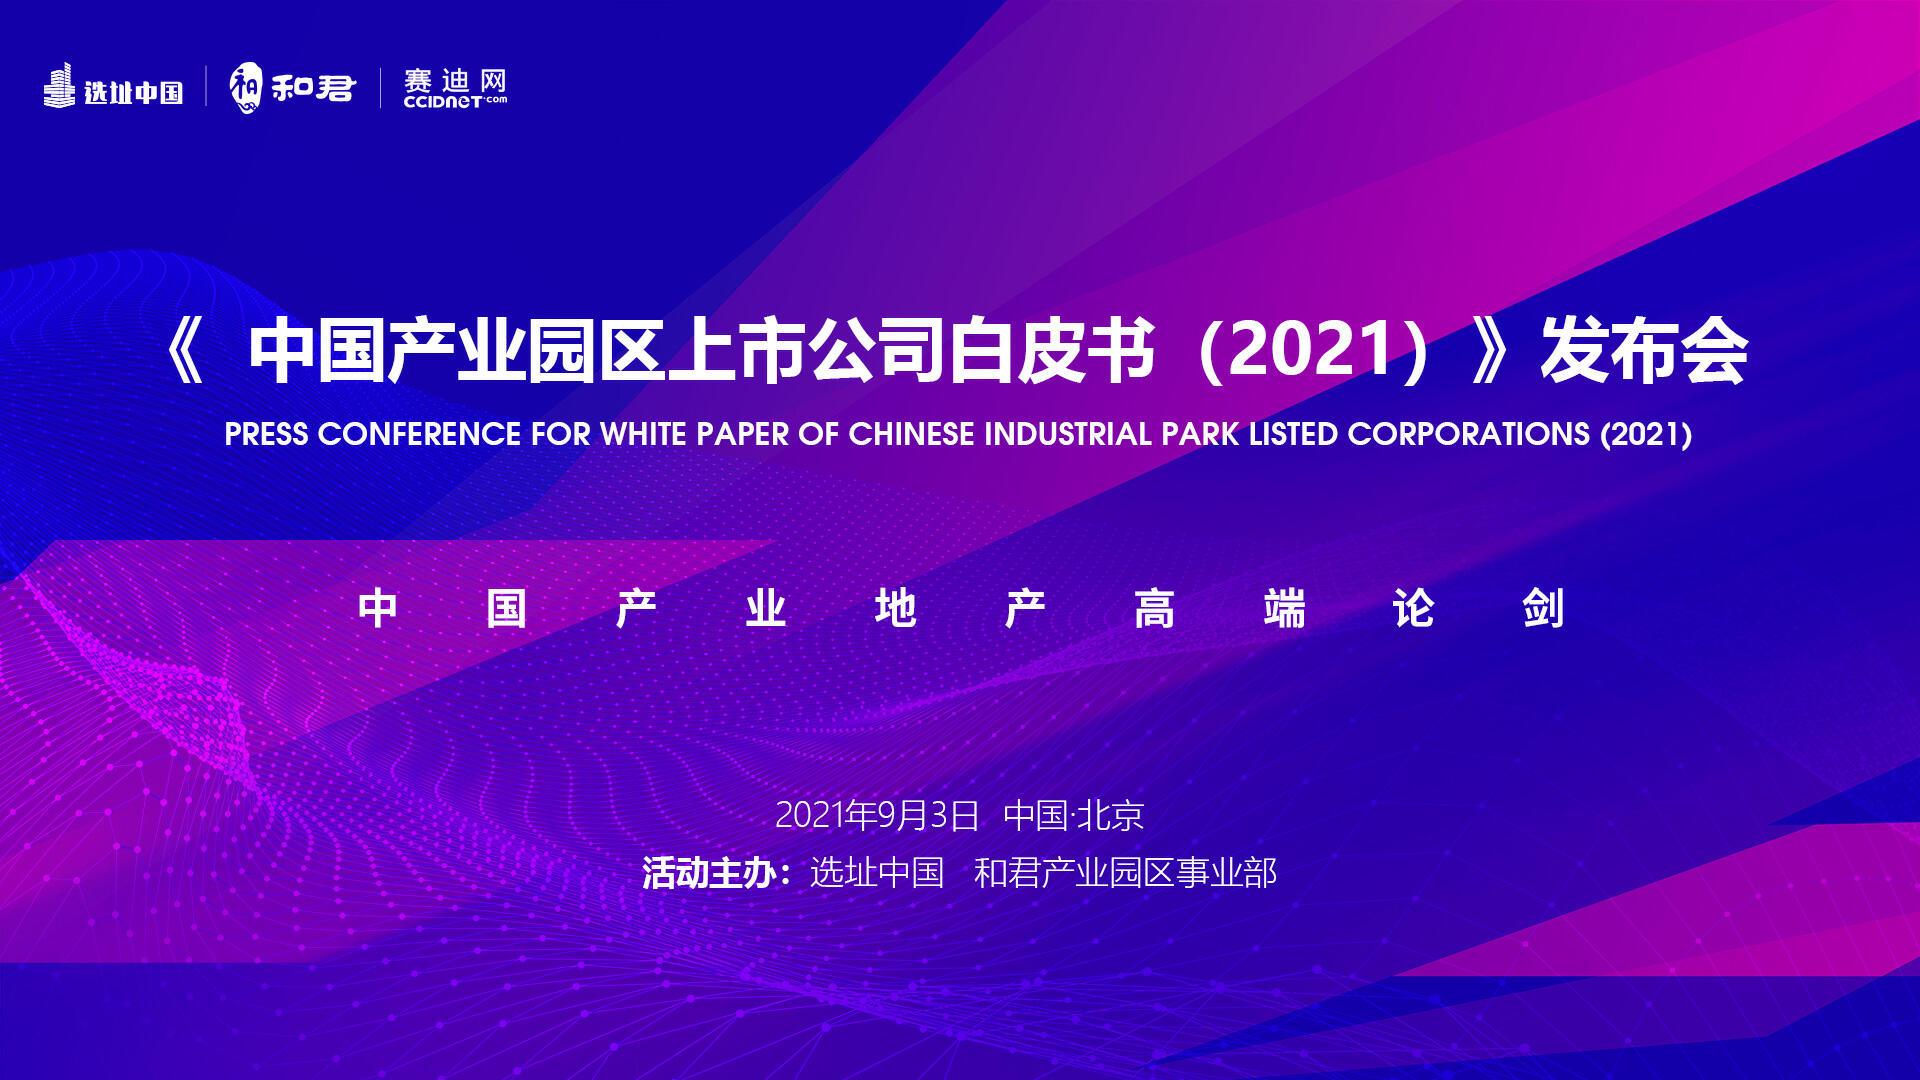 中国产业地产高端论剑 暨《中国产业园区上市公司白皮书2021》发布会